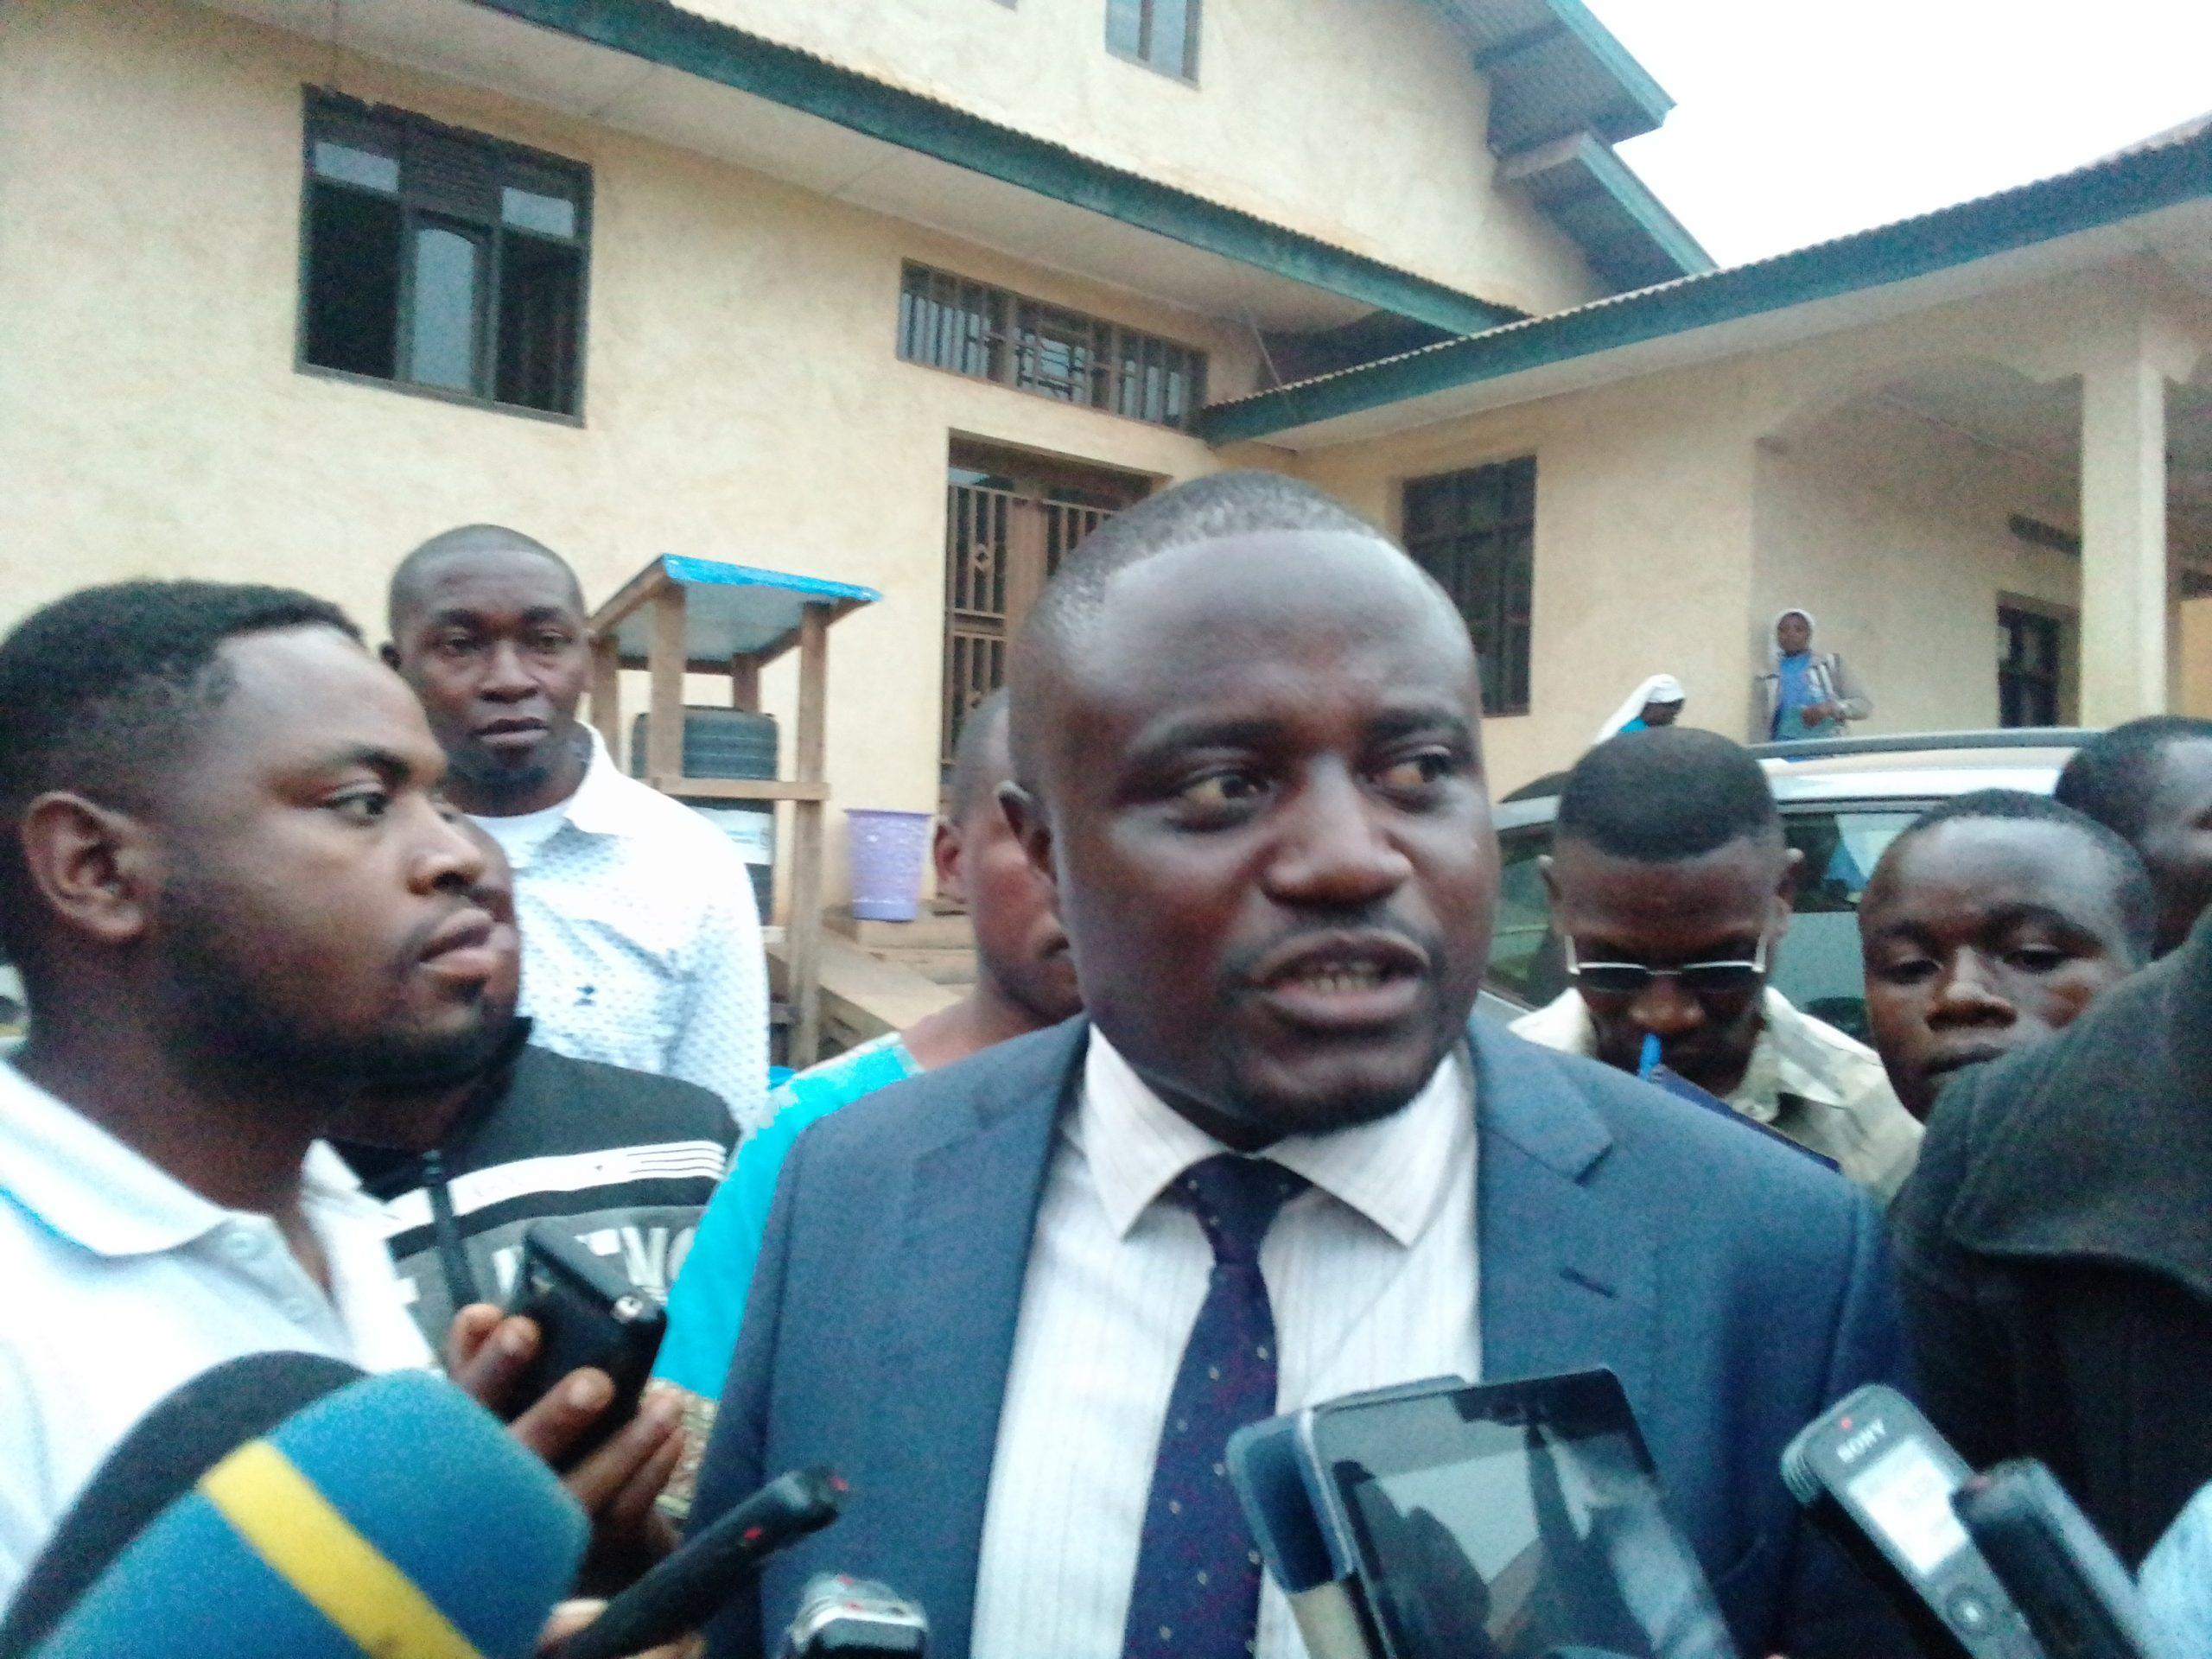 """Nord-Kivu: """"Celui qui tue à Beni n'est pas l'islamiste, c'est plutôt le balkanisateur, et tout le monde est d'accord"""", dit le député Muhindo Nzangi"""